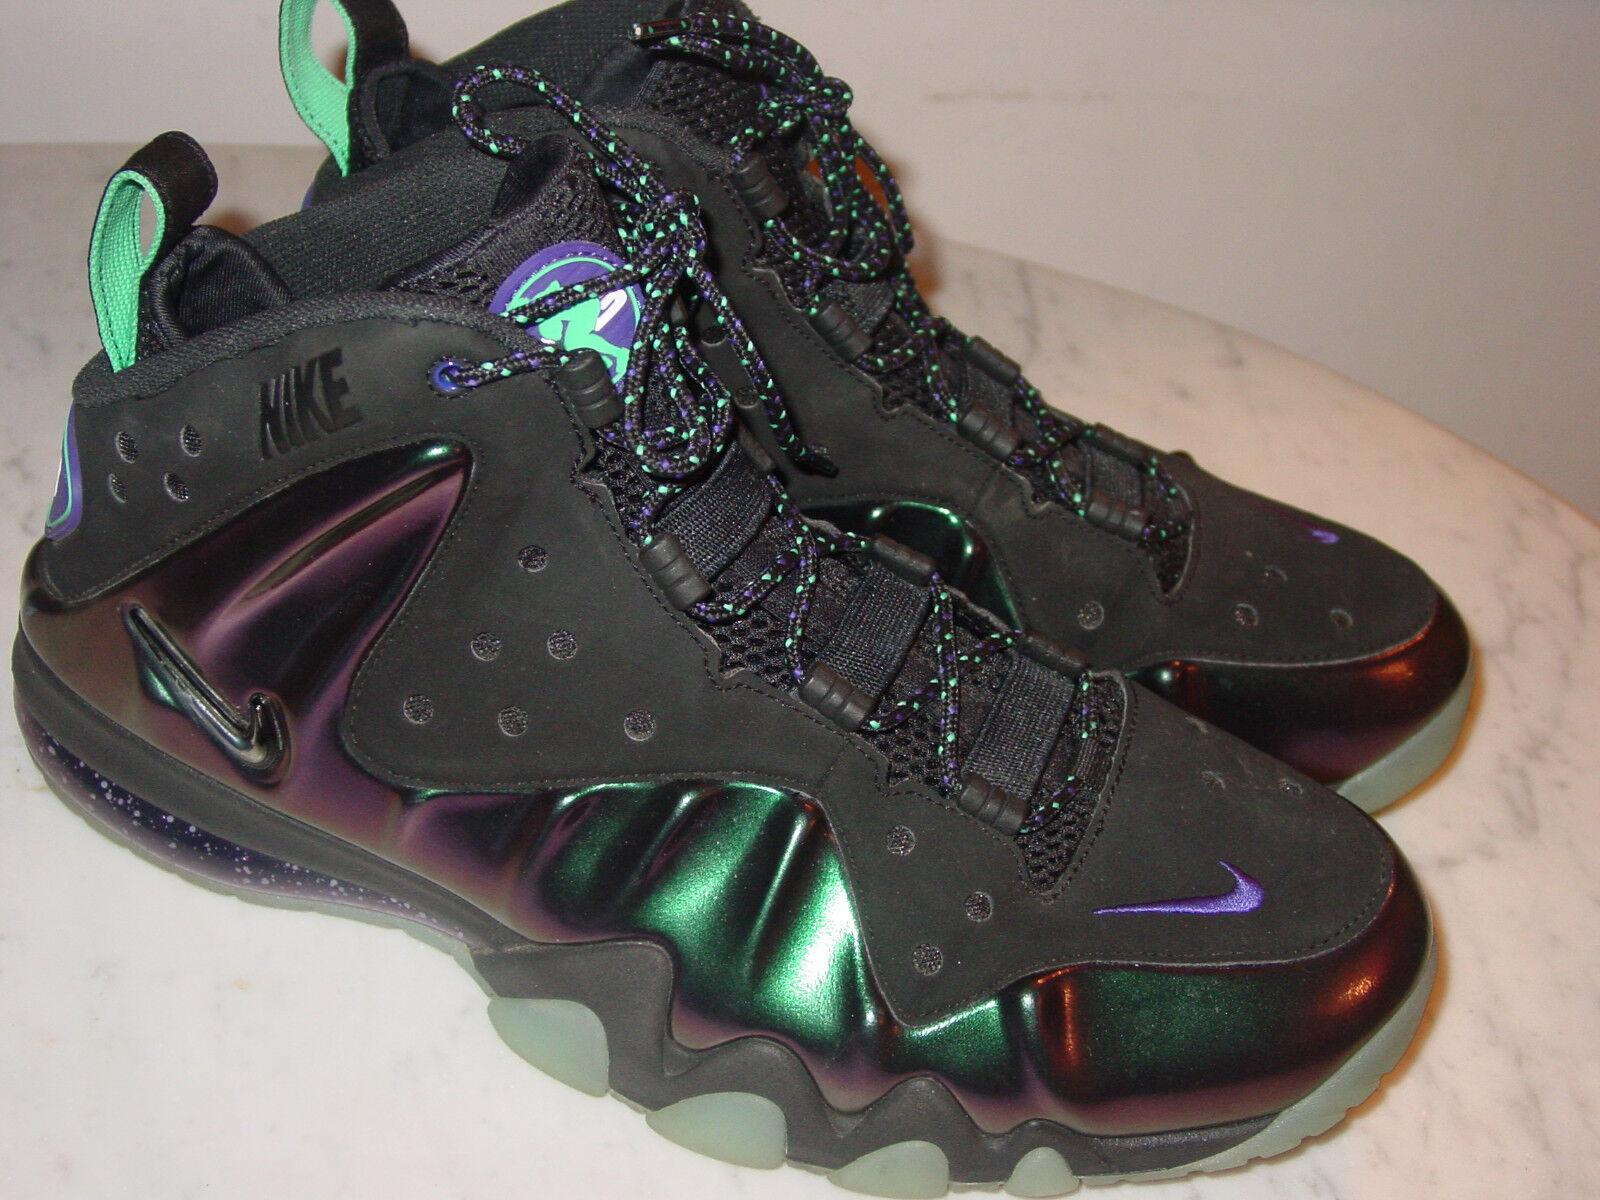 Nel 2012 max la nike barkley posite max 2012 melanzana brilla nel buio scarpe da basket!dimensioni 11,5 3277f3